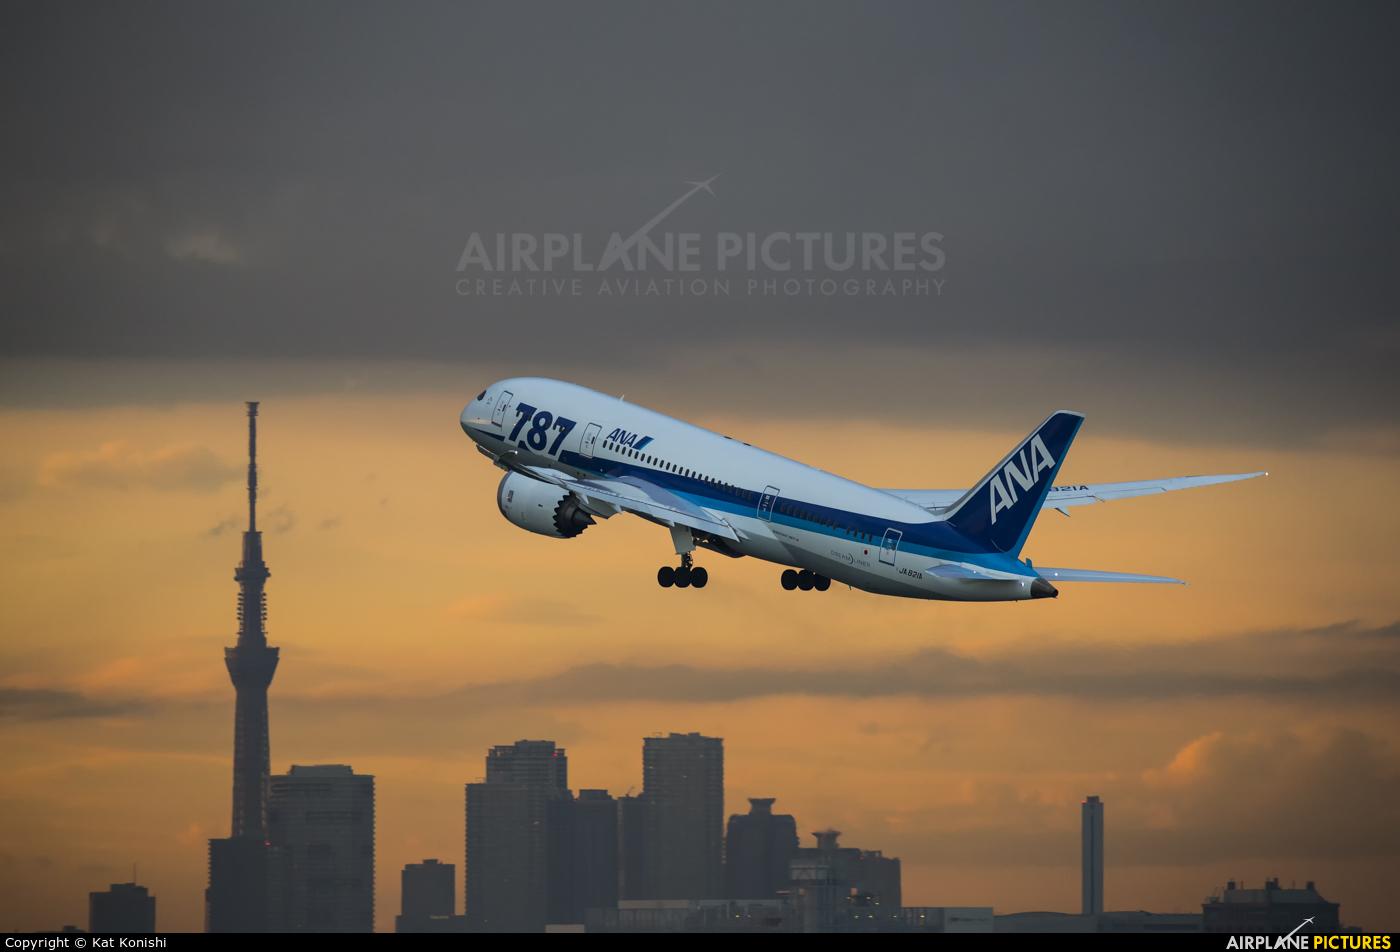 ANA - All Nippon Airways JA821A aircraft at Tokyo - Haneda Intl